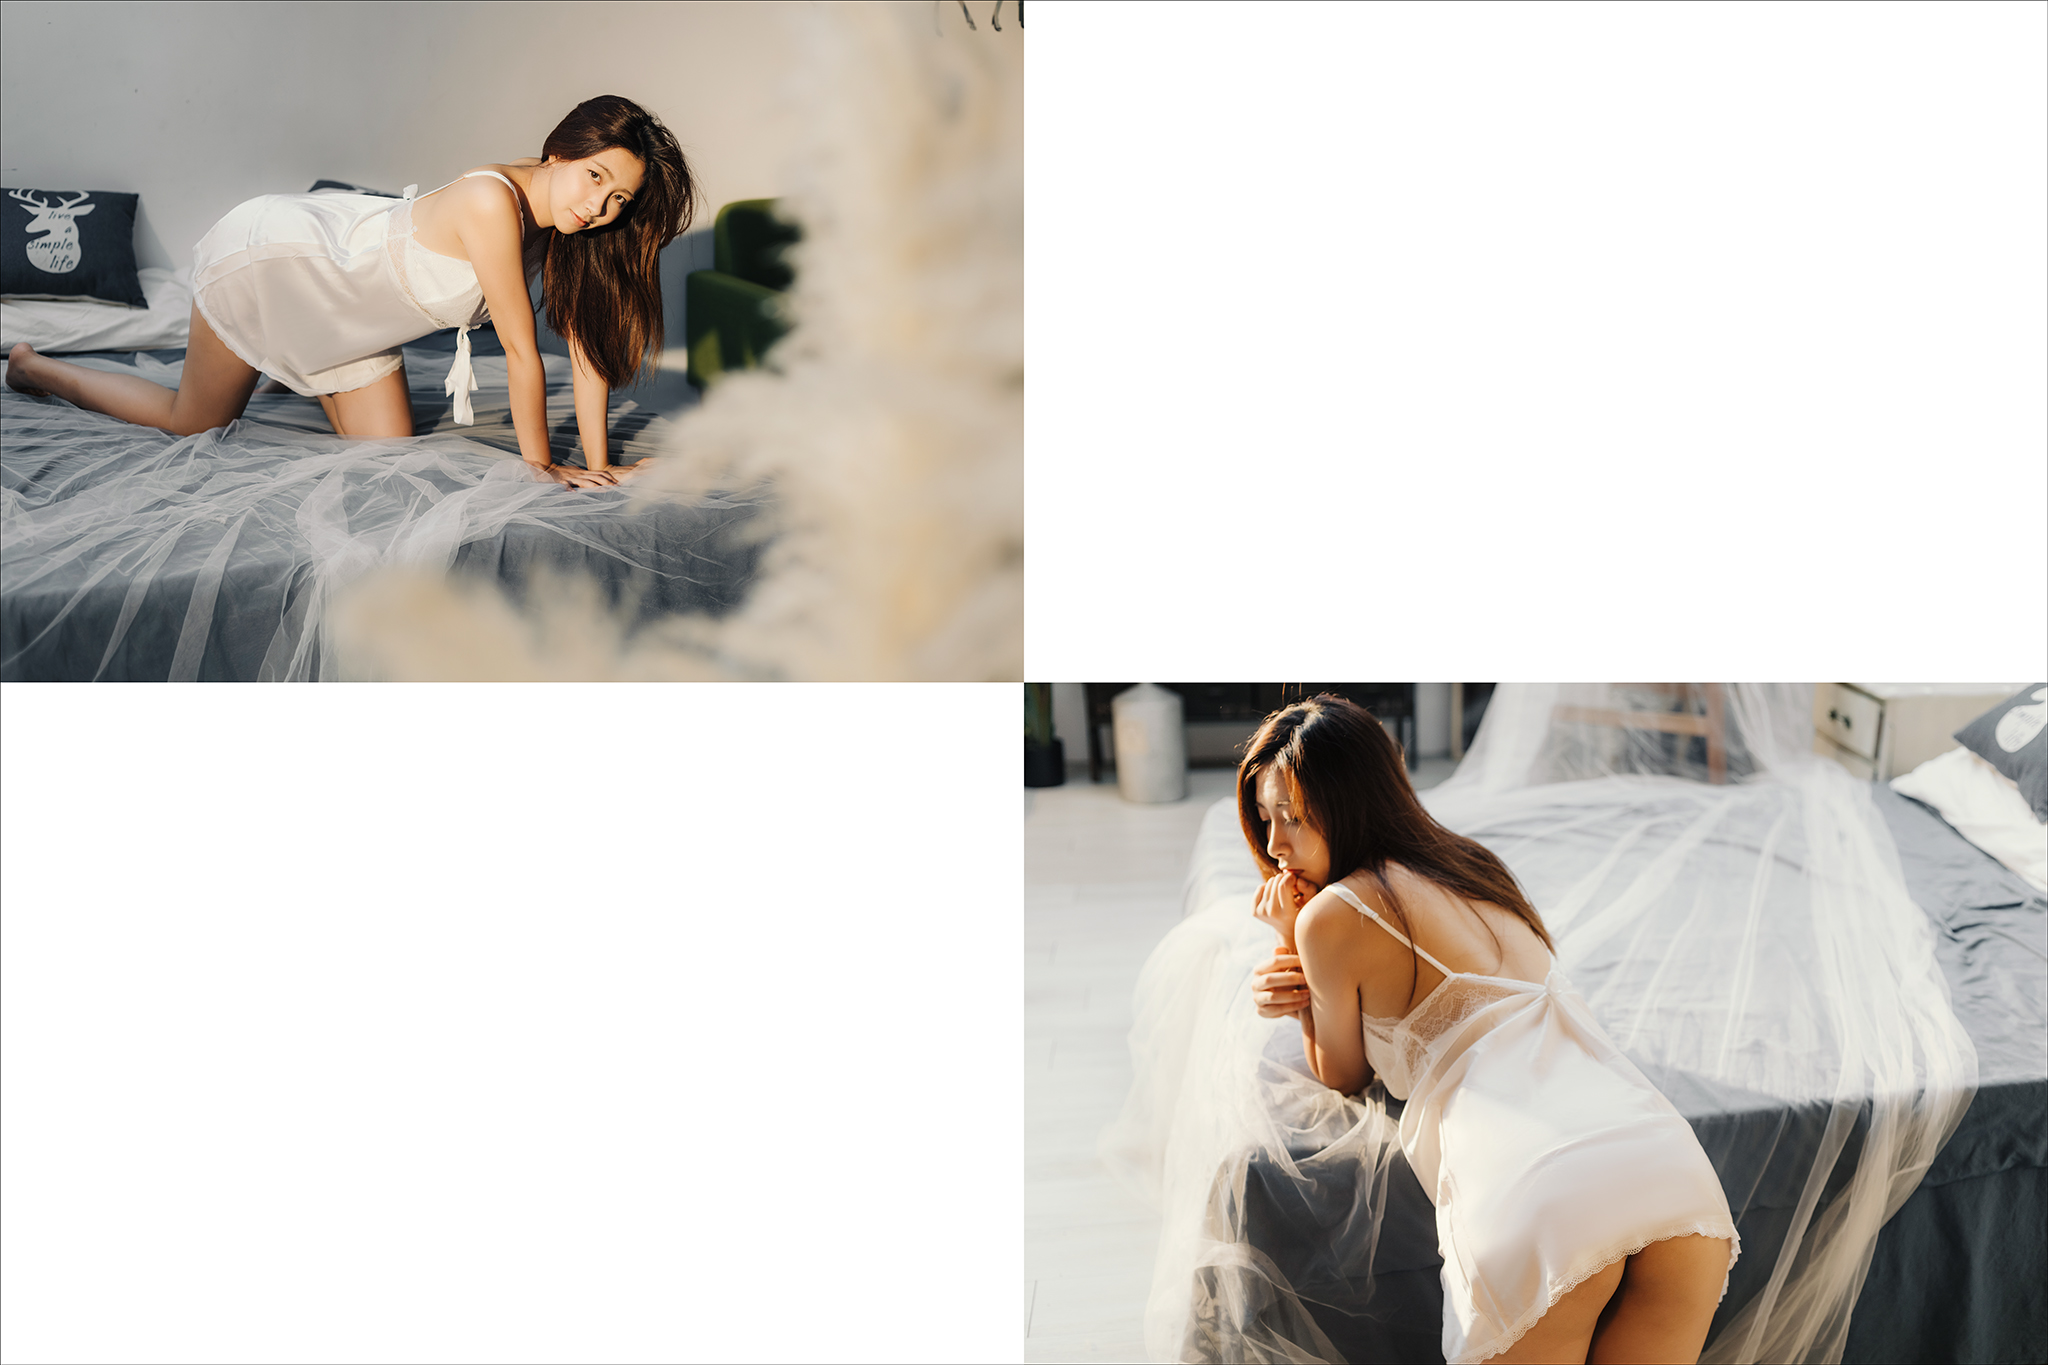 51375481014 f94851dc5e o - 【寫真】+Angel+